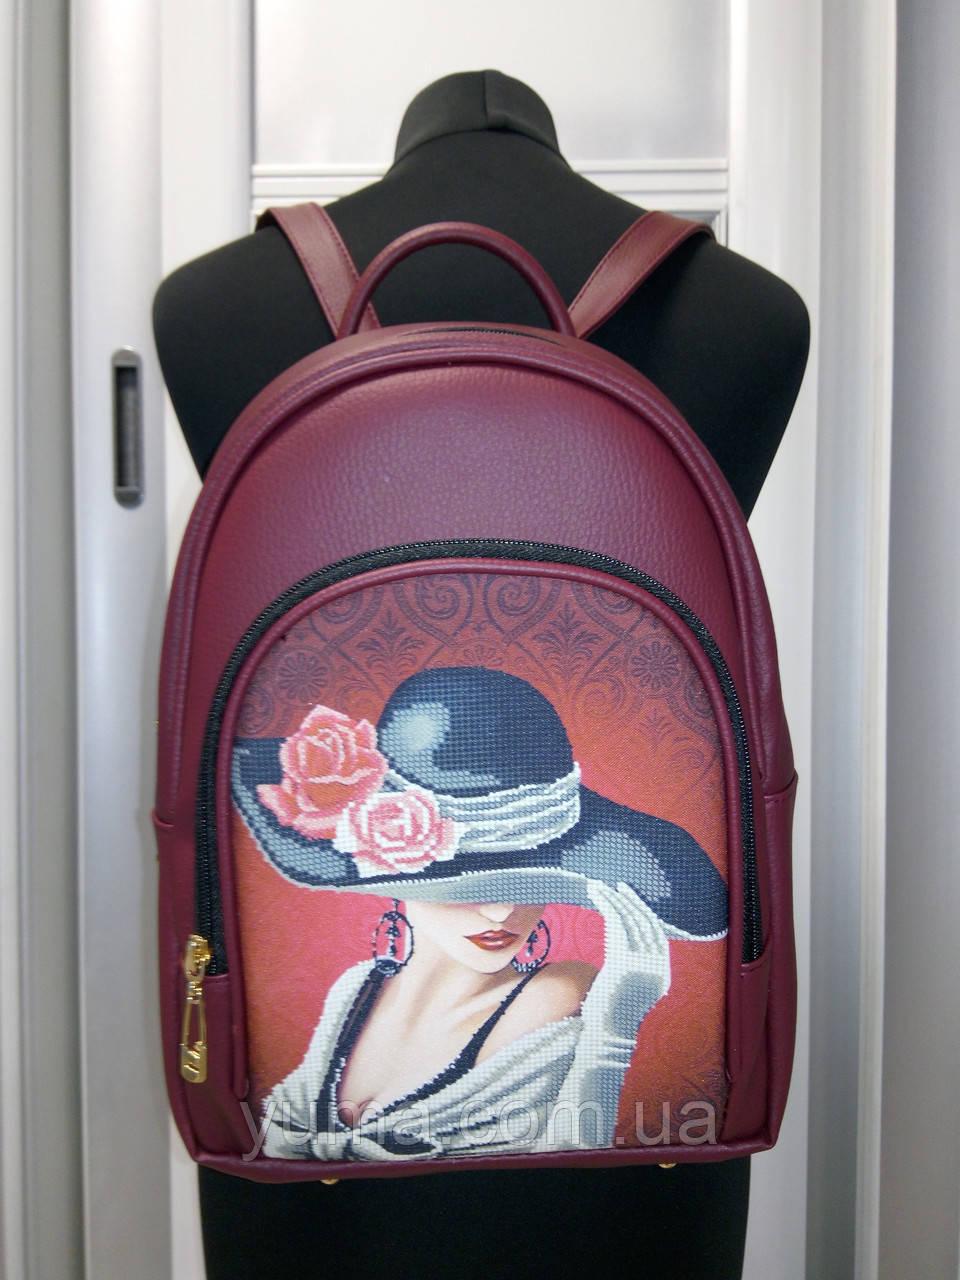 Сумка-рюкзак для вышивки бисером   Рюкзак Модель 2 С7 бордо  кожзам